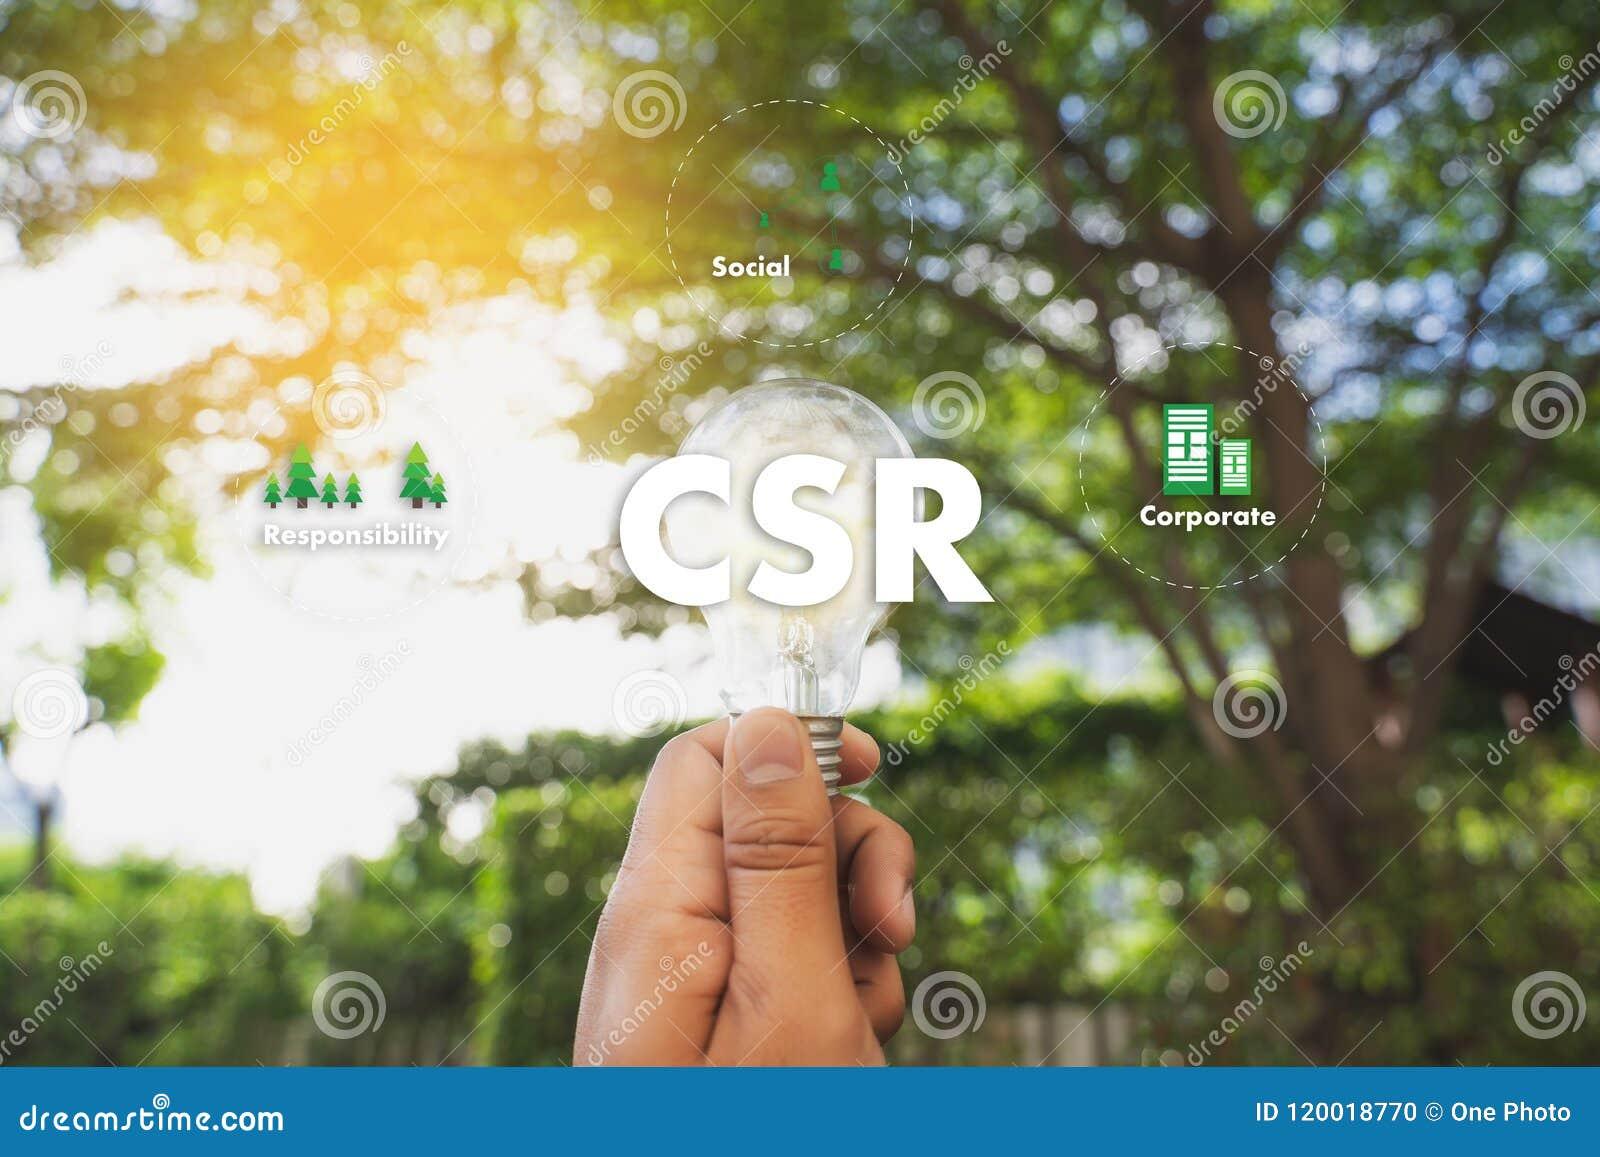 公司的社会责任CSR和持续力Responsib